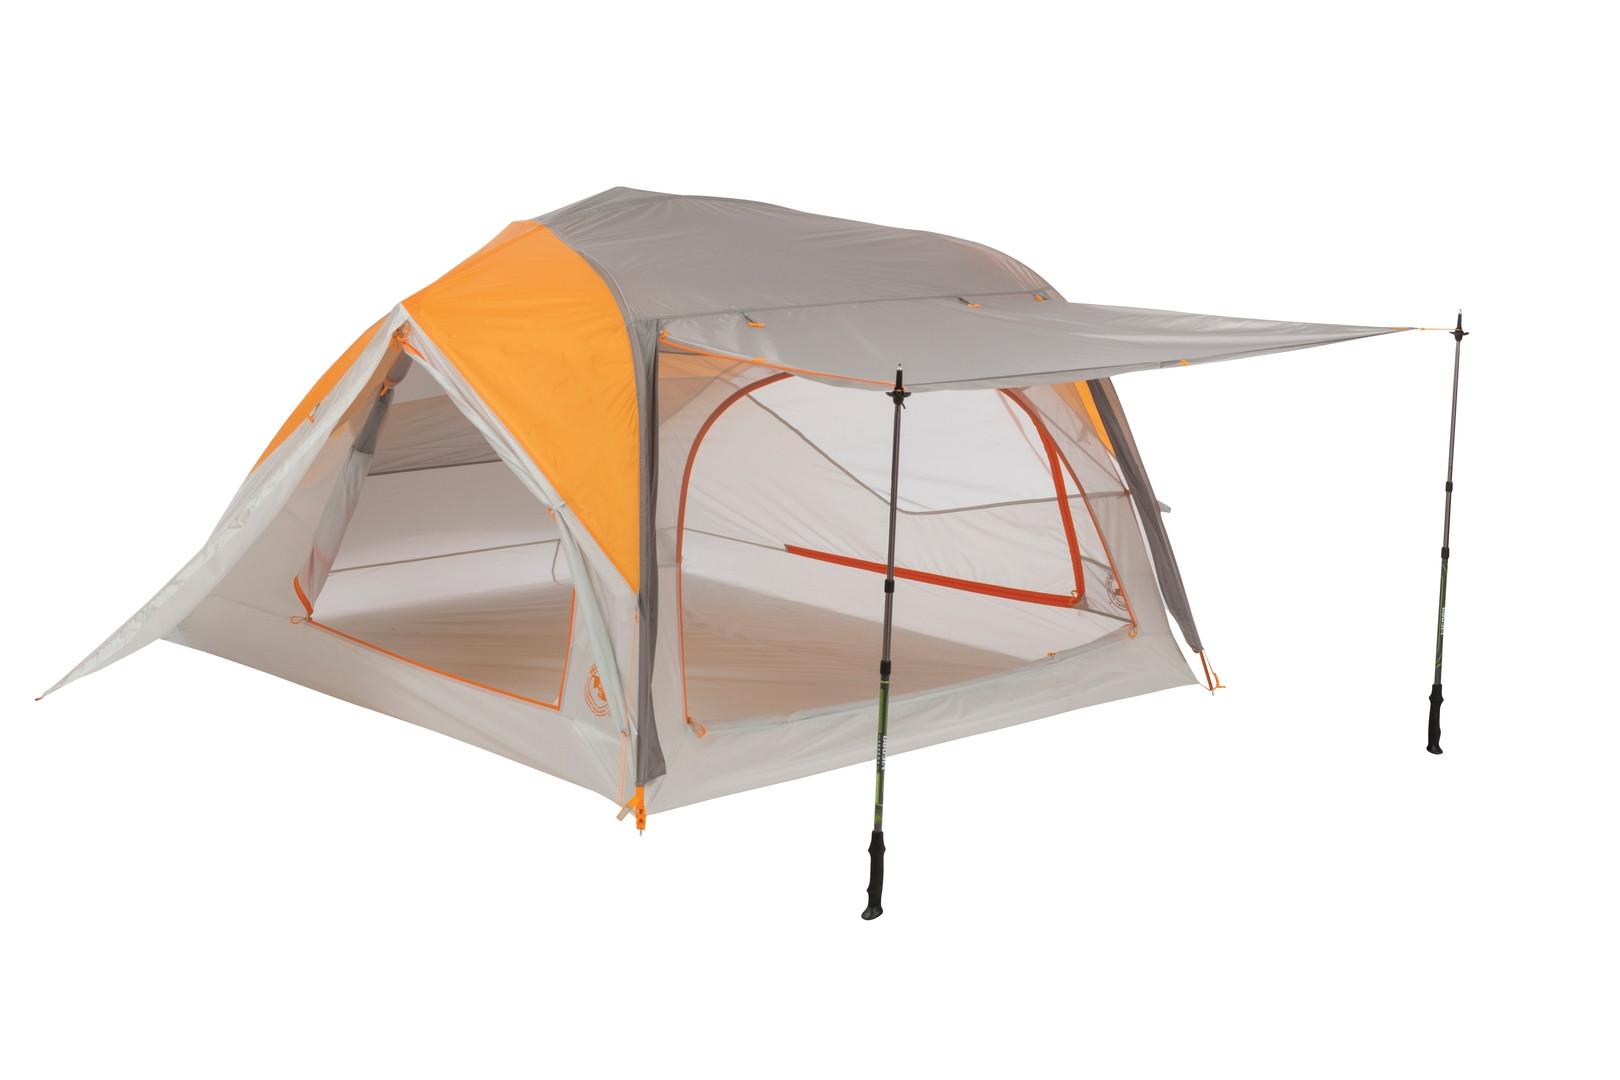 Tente Big Agnes Salt Creek SL3